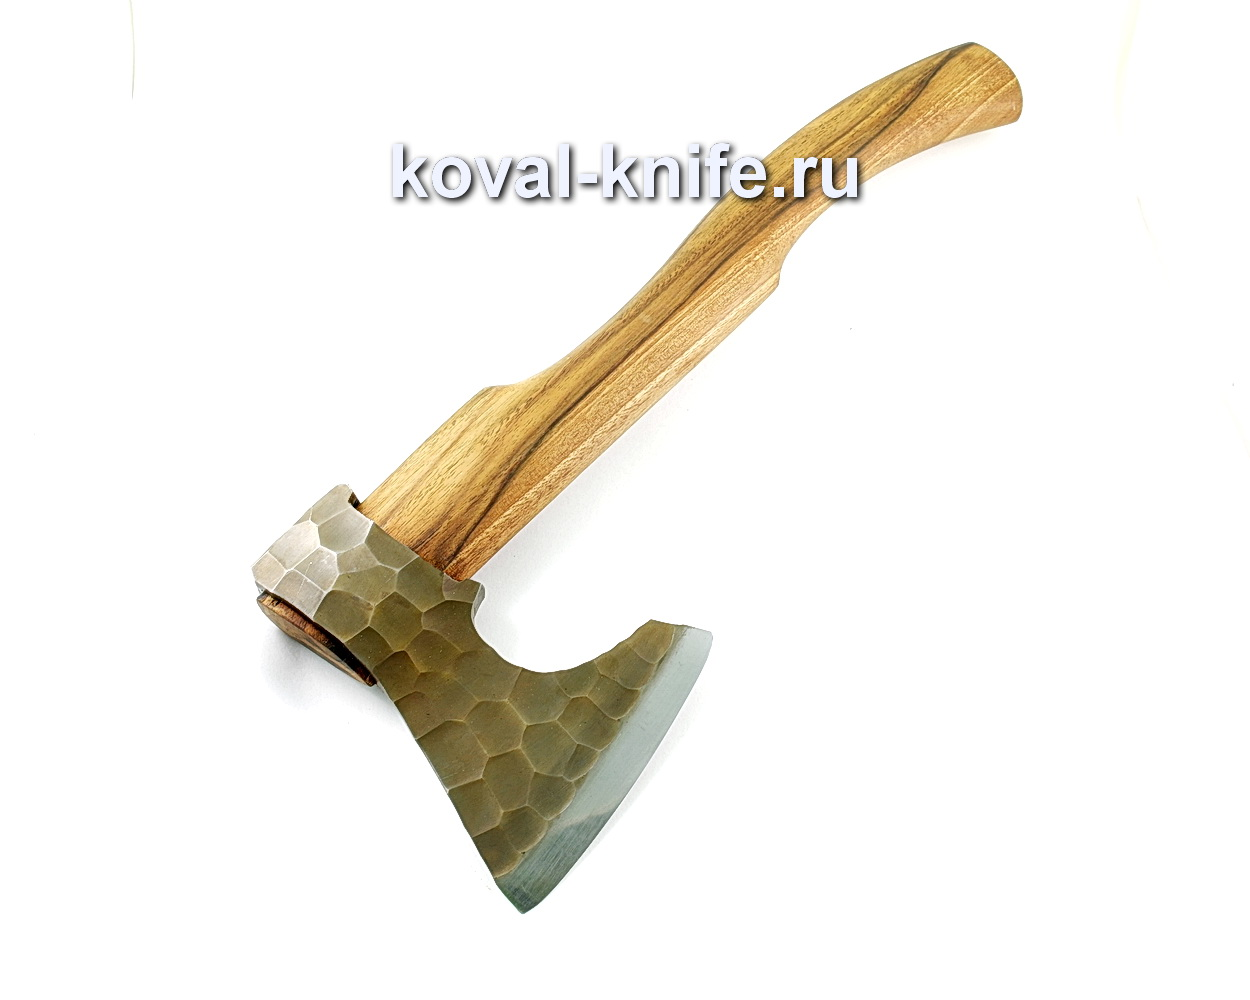 Топор (сталь 9хс), рукоять орех A179